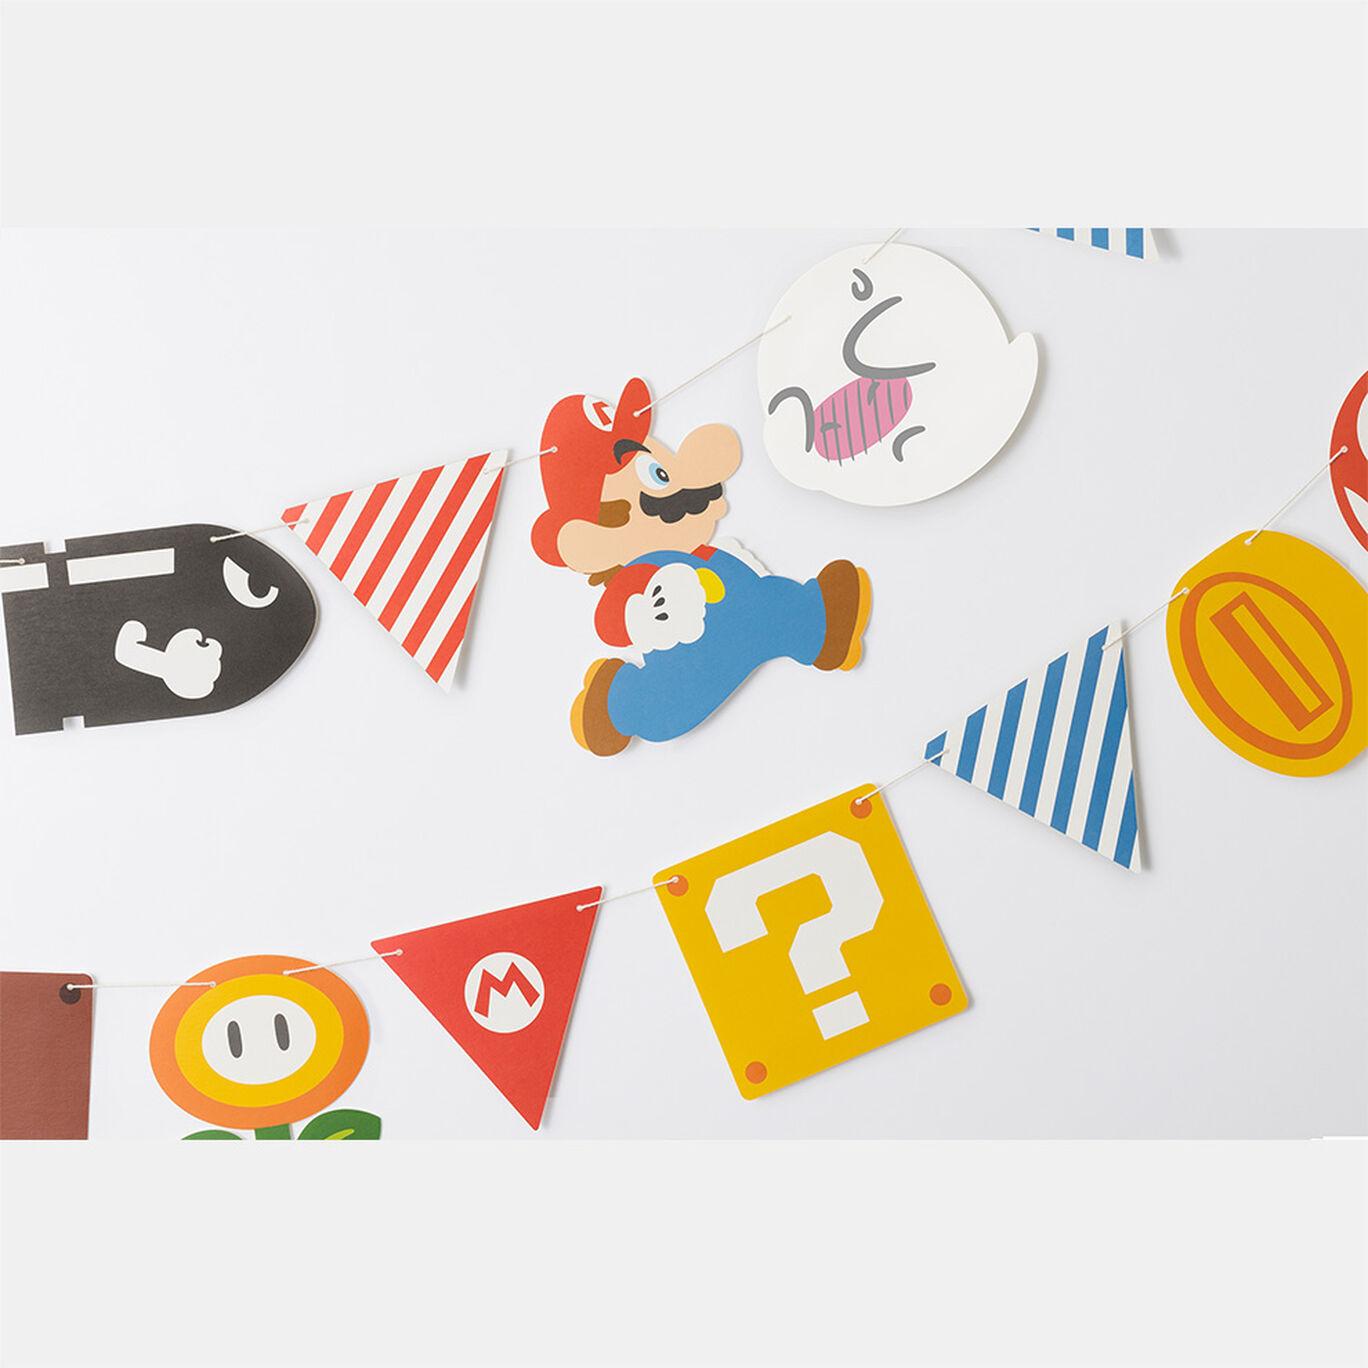 スーパーマリオ ホーム&パーティ ガーランド(キャラクター&アイテム)